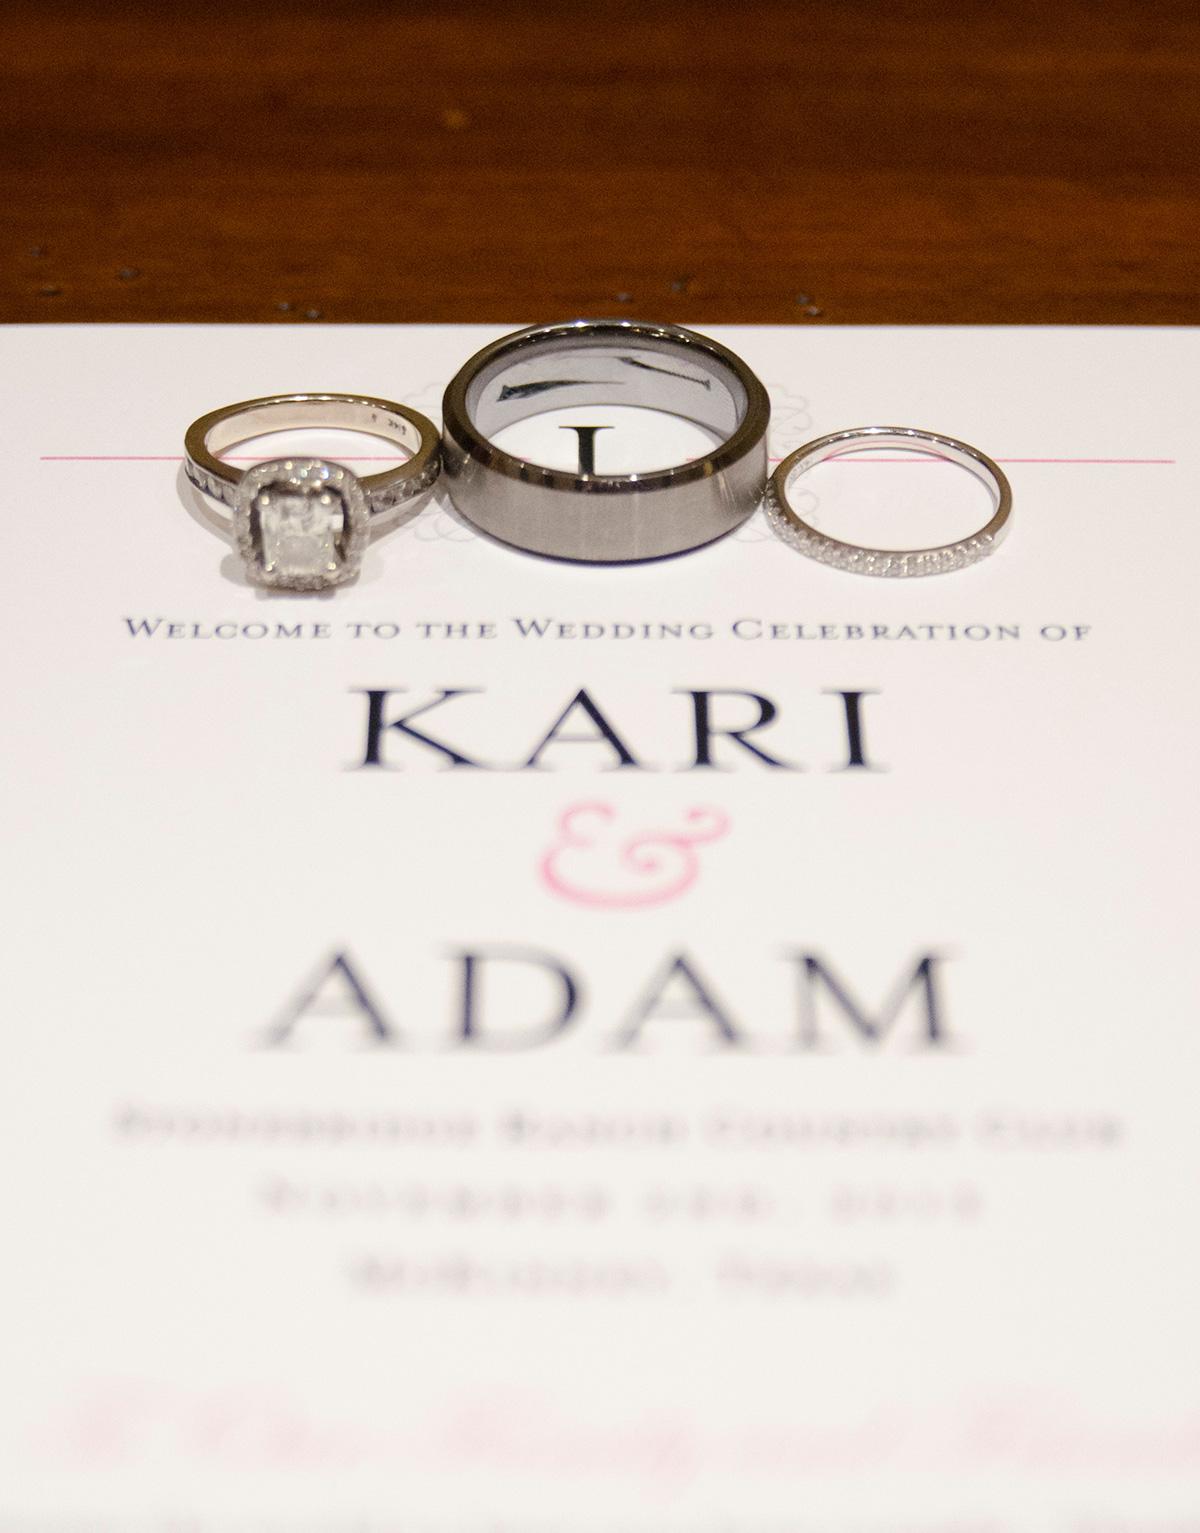 Kari.Adam17.jpg